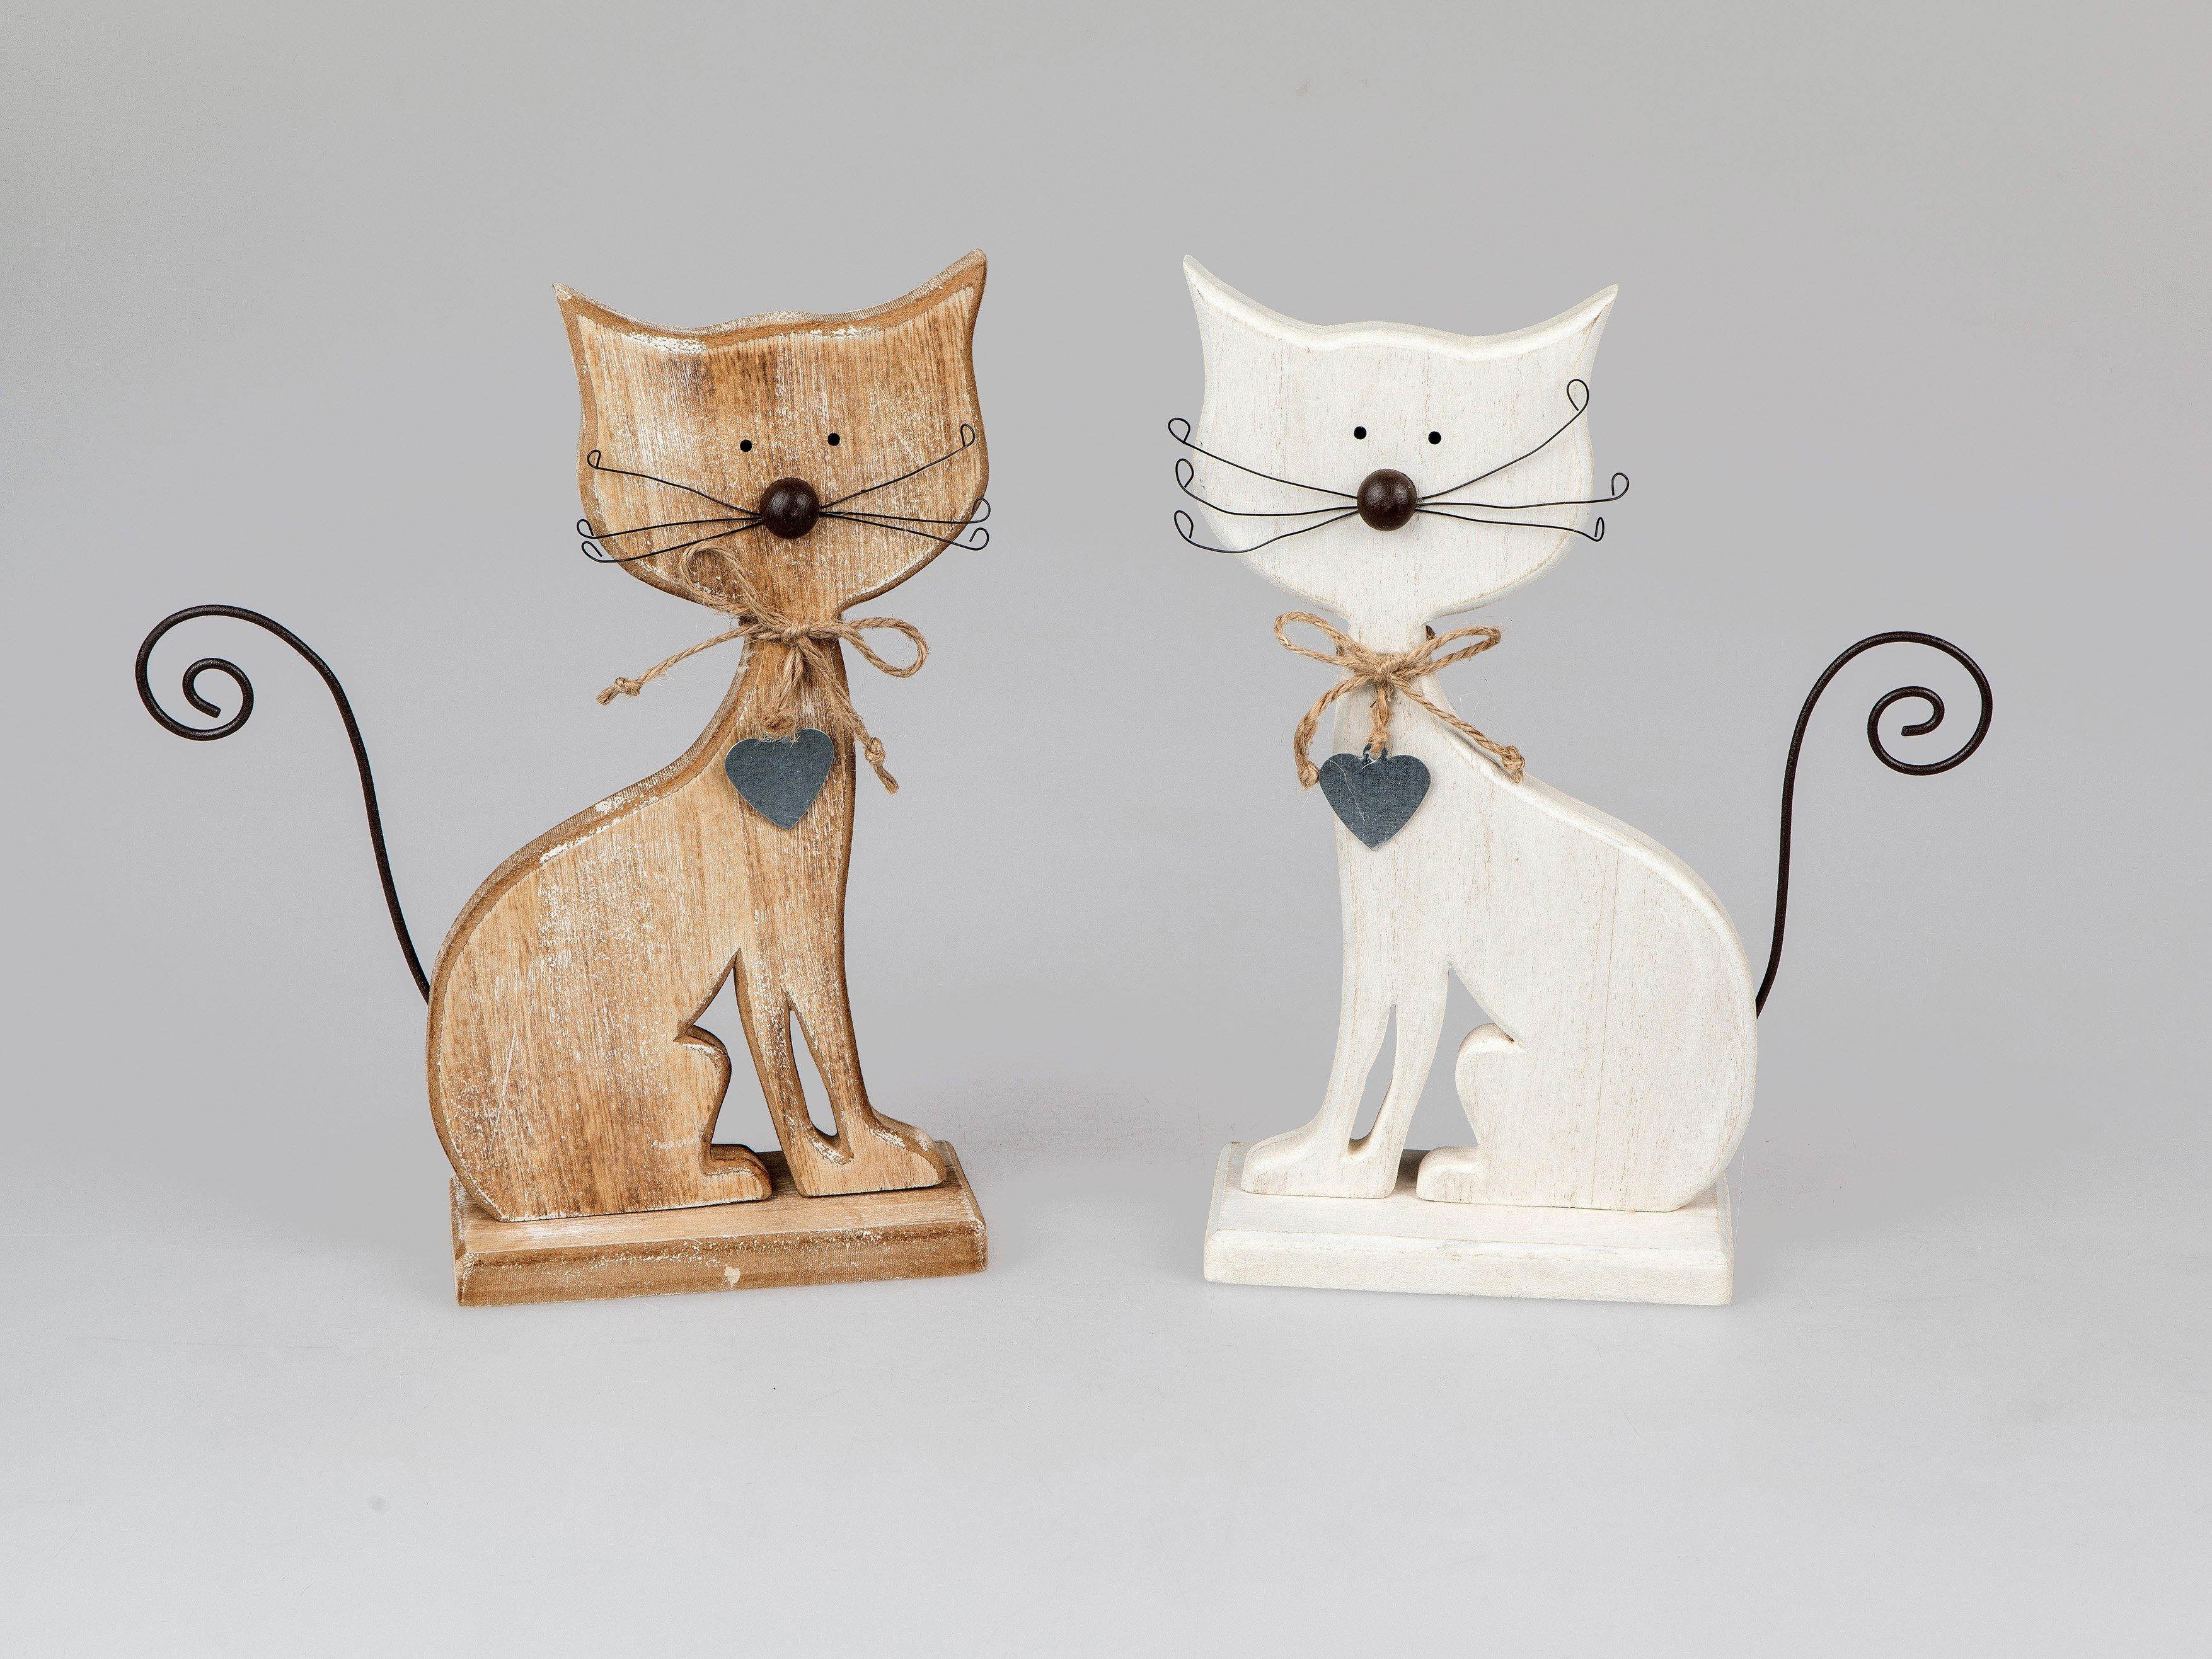 Katze Holz 24cm - Geschenkhaus Bellm